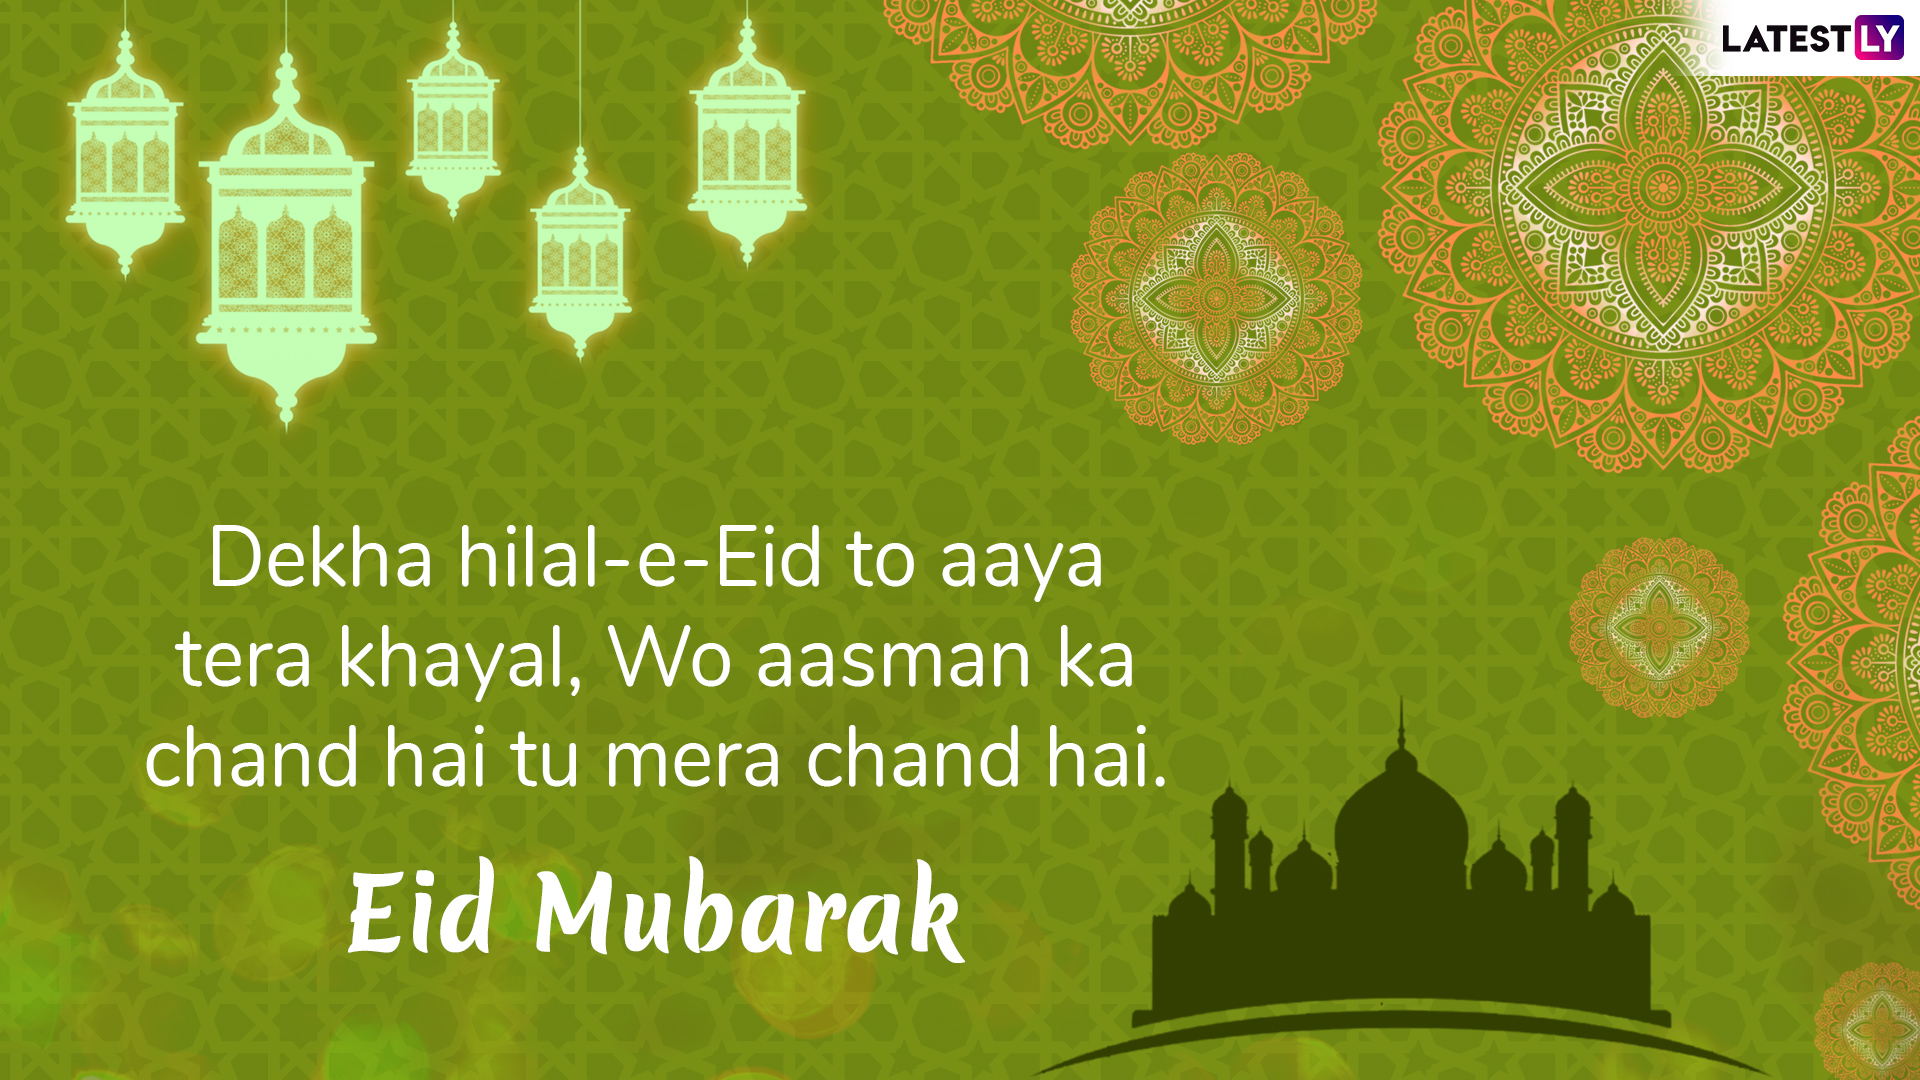 Eid Mubarak 2019 Urdu Shayari: WhatsApp Stickers, GIF Image